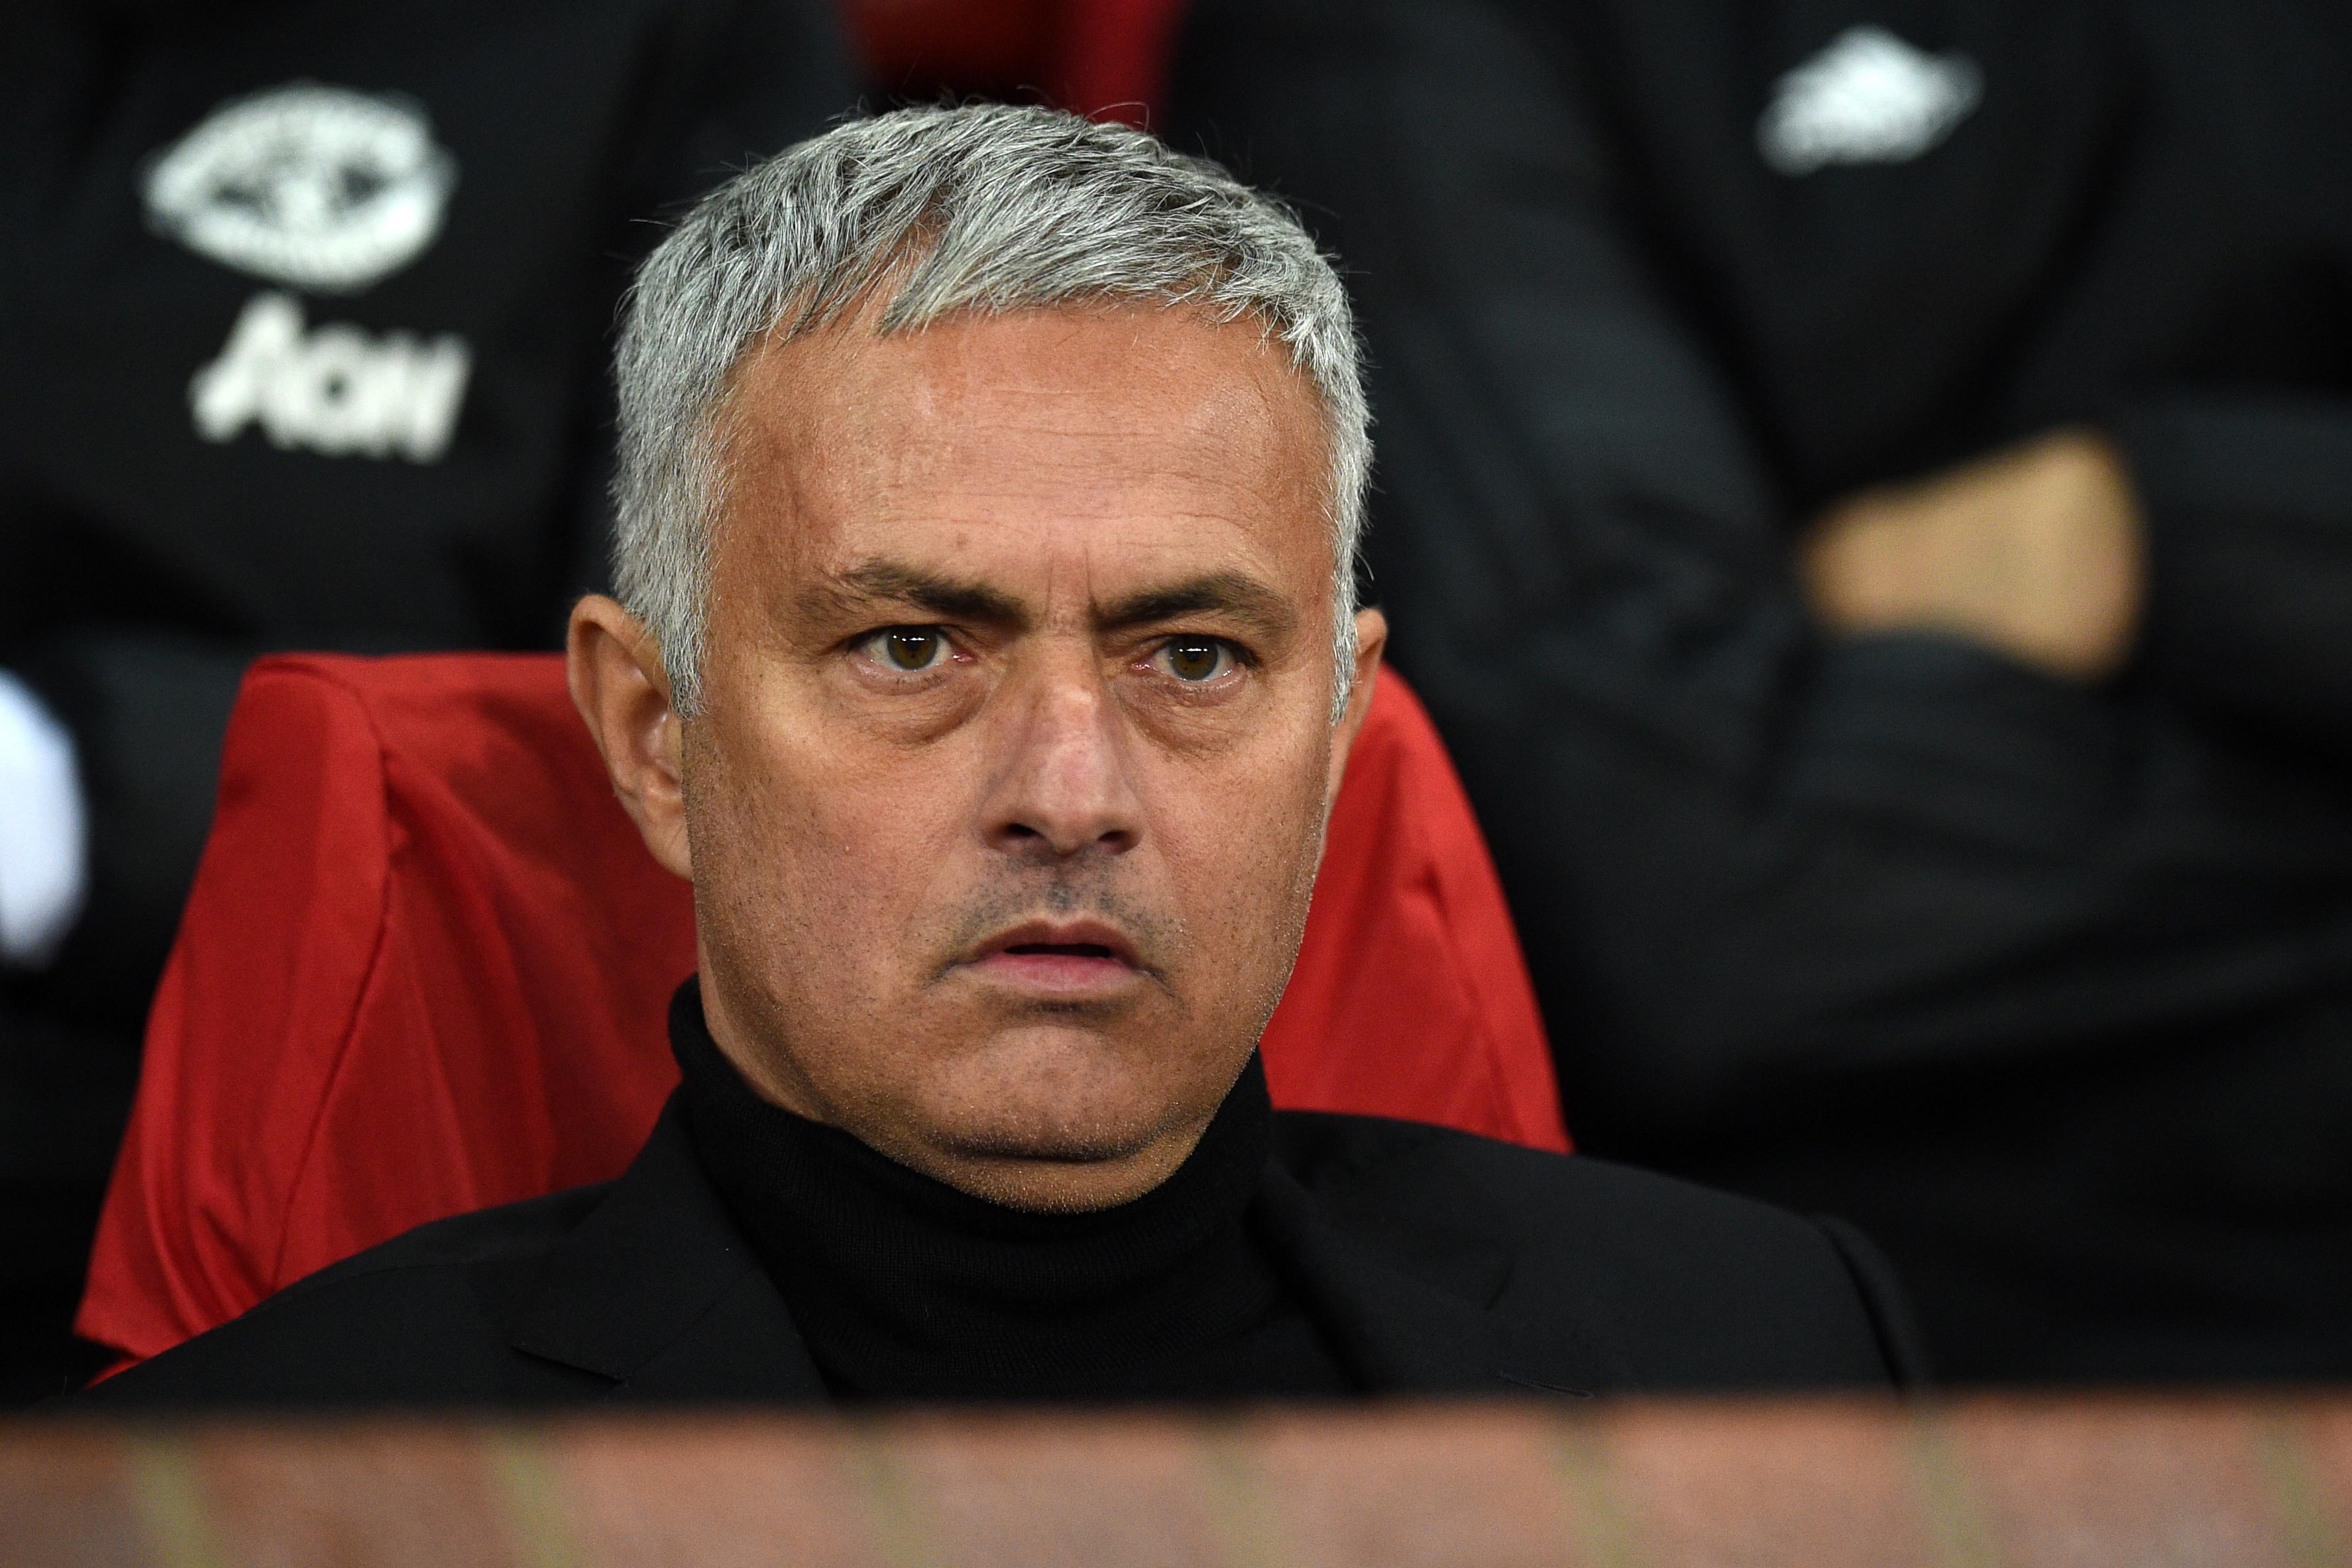 """Alexis Sánchez: """"Mourinho criou uma atmosfera pouco saudável à volta do plantel"""""""